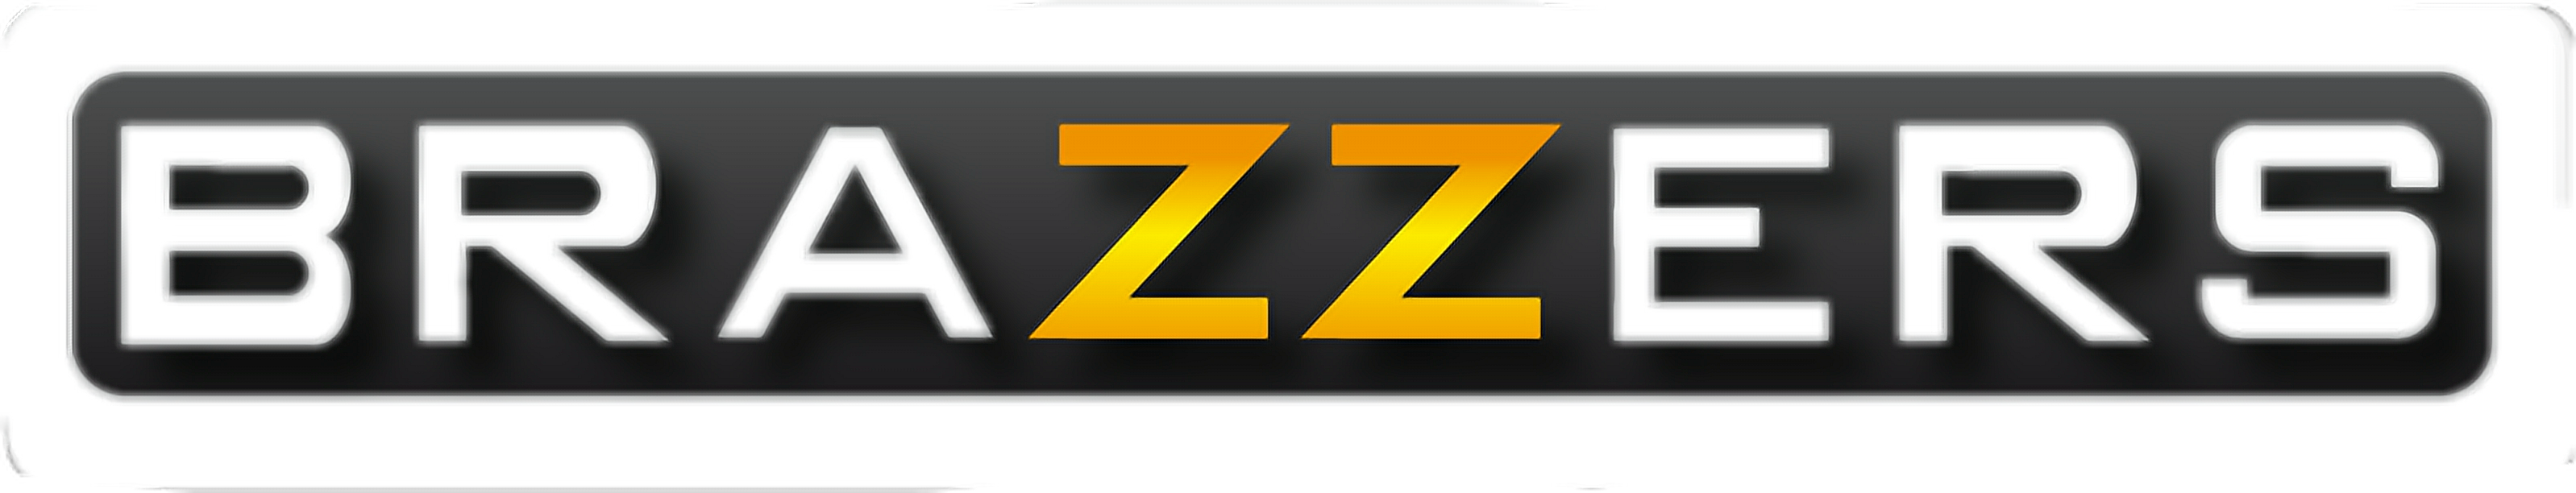 kompaniya-brazzers